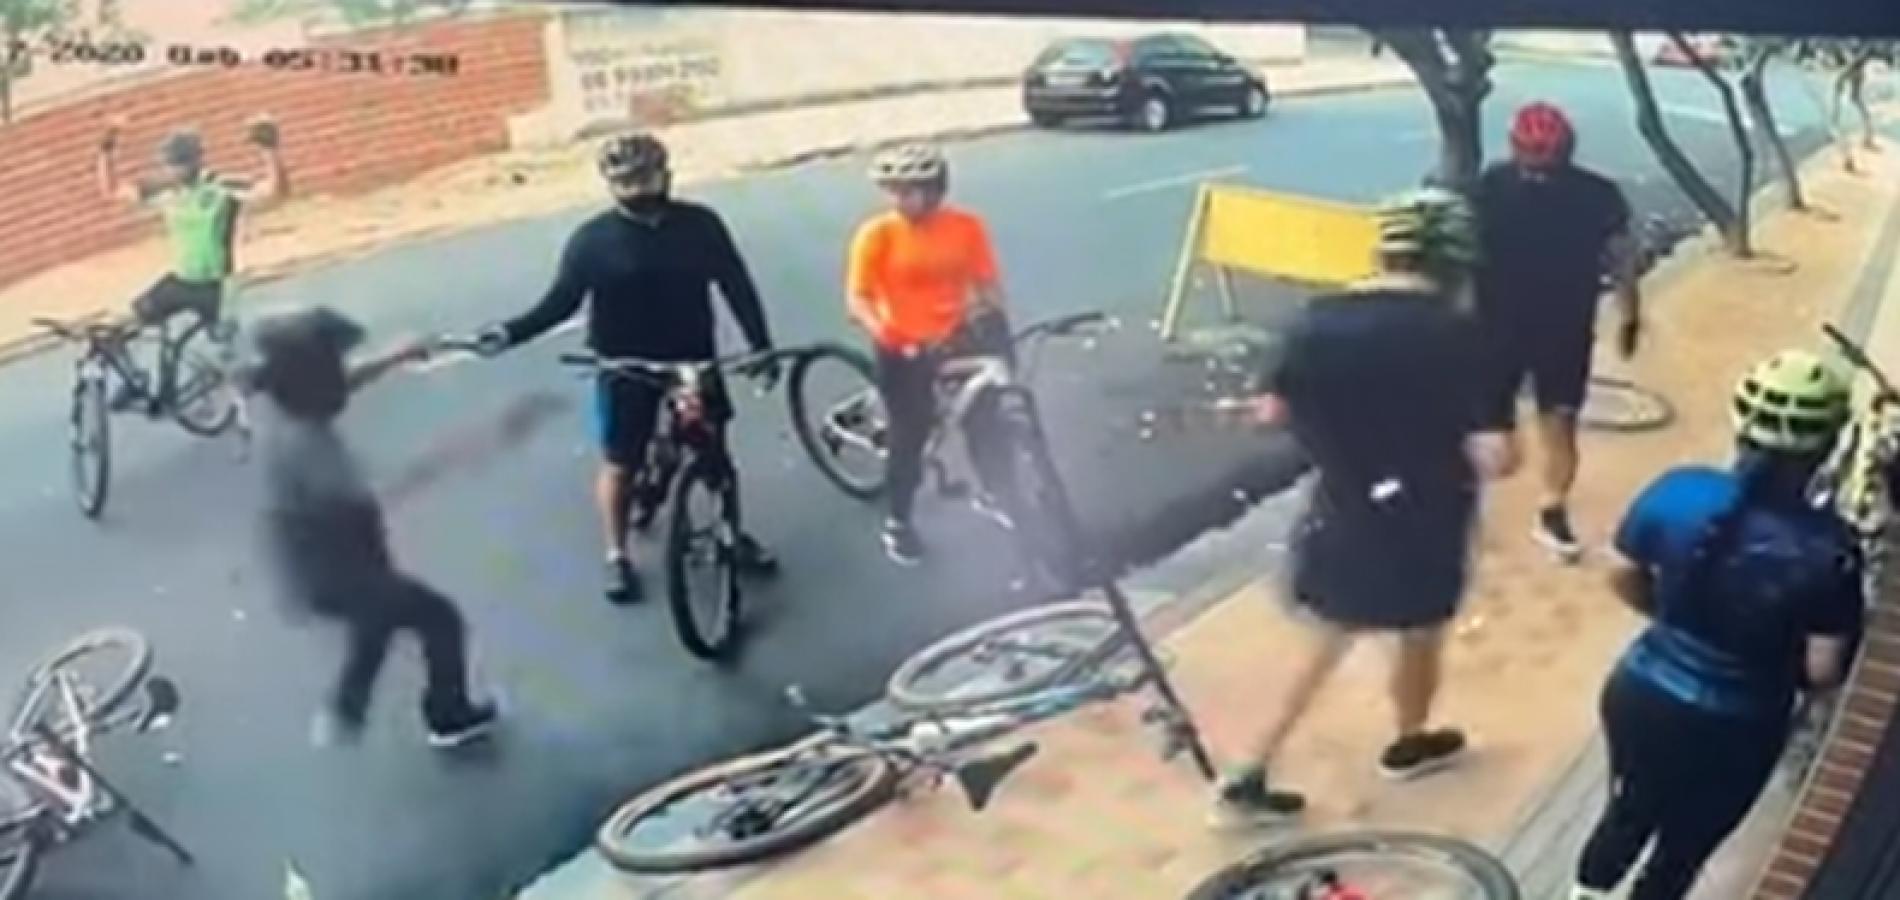 Vídeo: ciclistas são vítimas de arrastão em frente a condomínio em Teresina